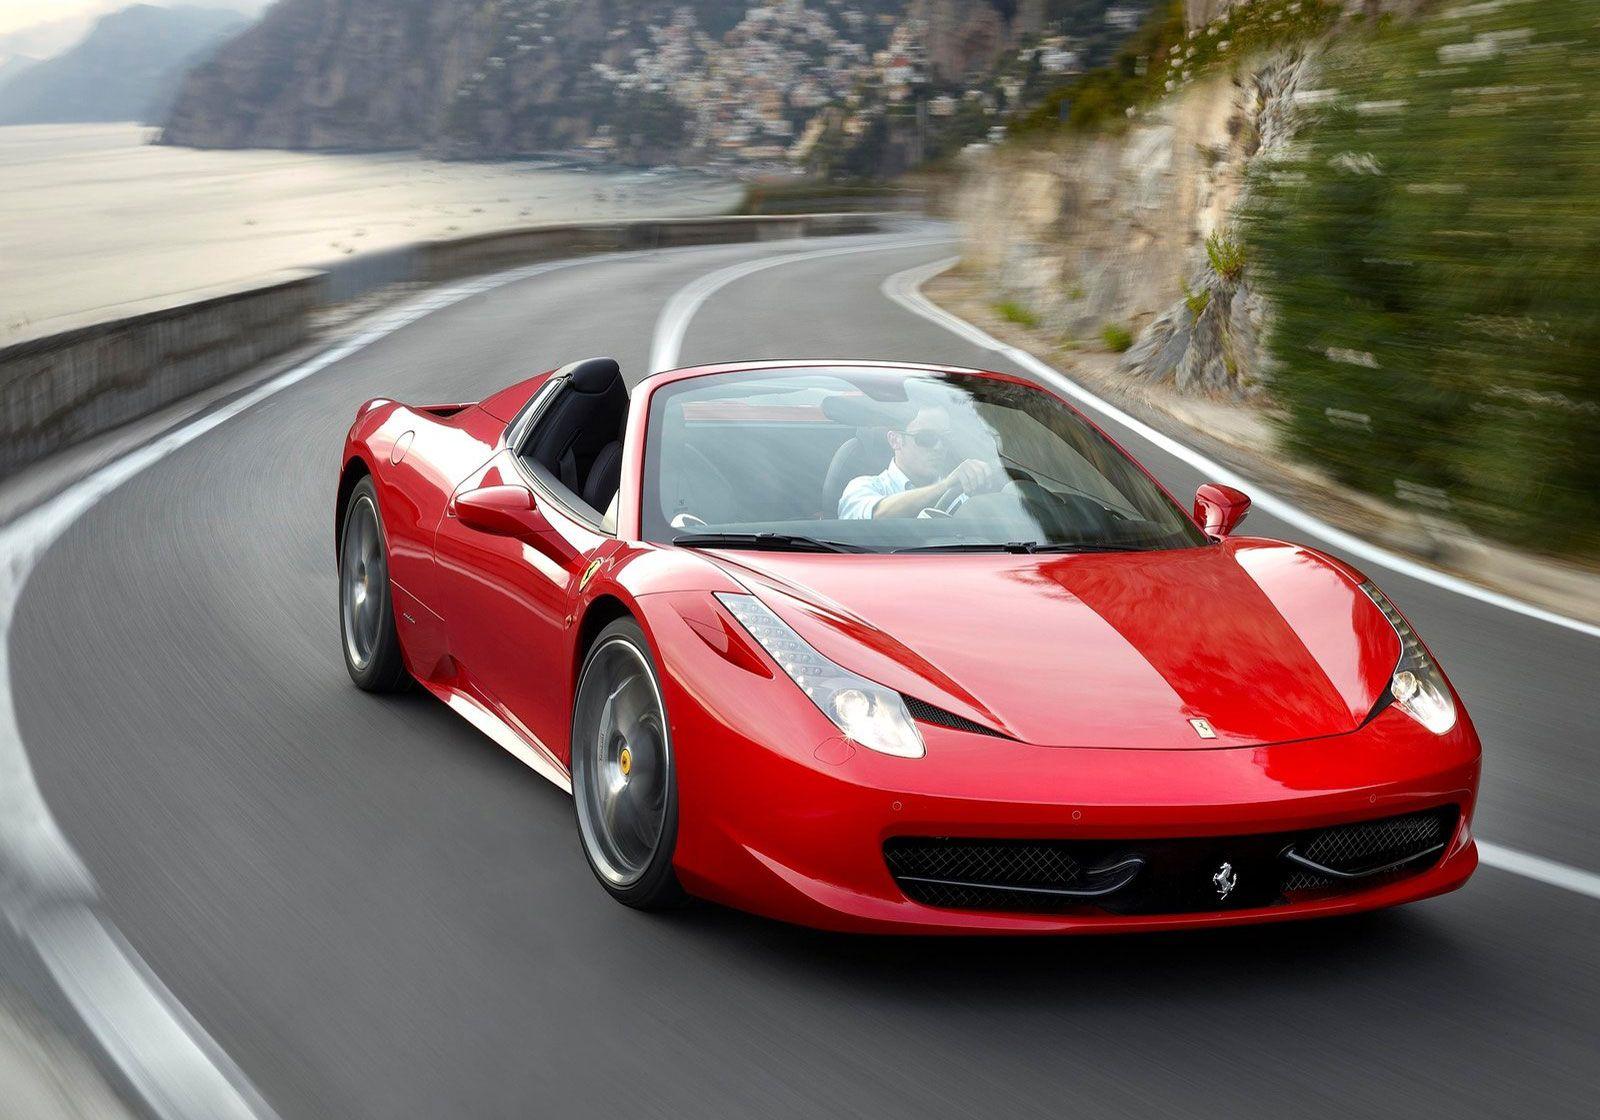 Cabrio E Spider Che Passione Going Fast Standing Still Ferrari